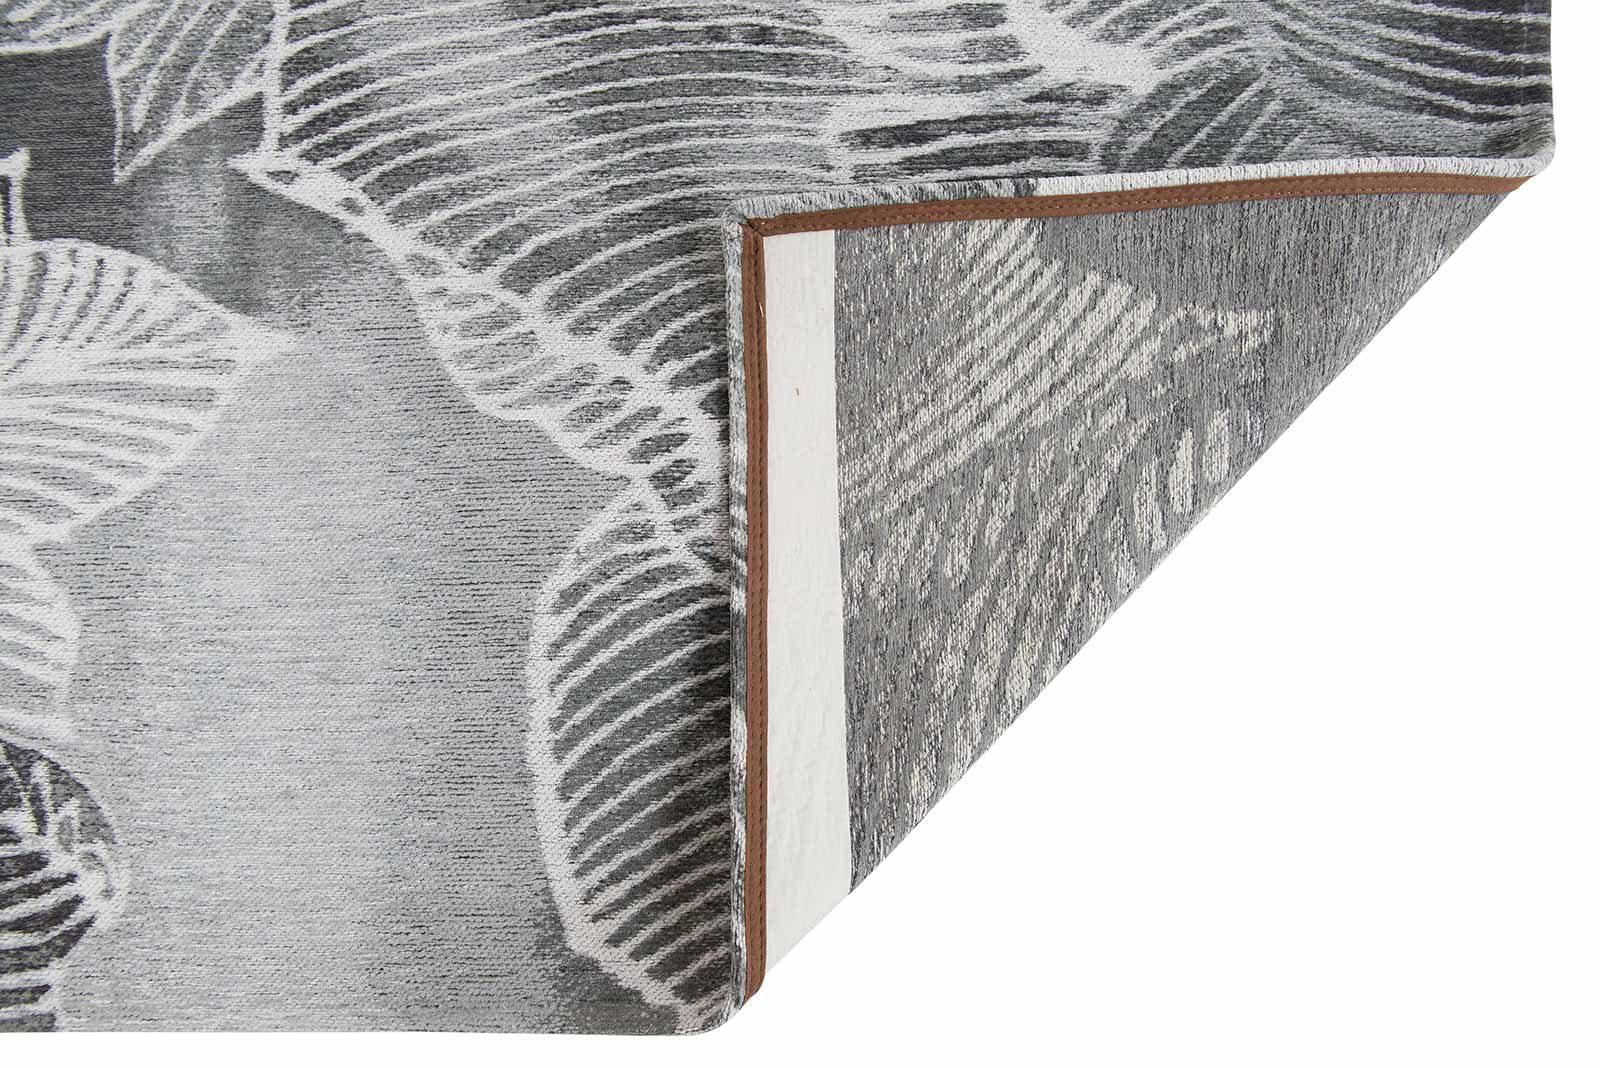 Louis De Poortere alfombras Villa Nova LX 8755 Akina Carbon back